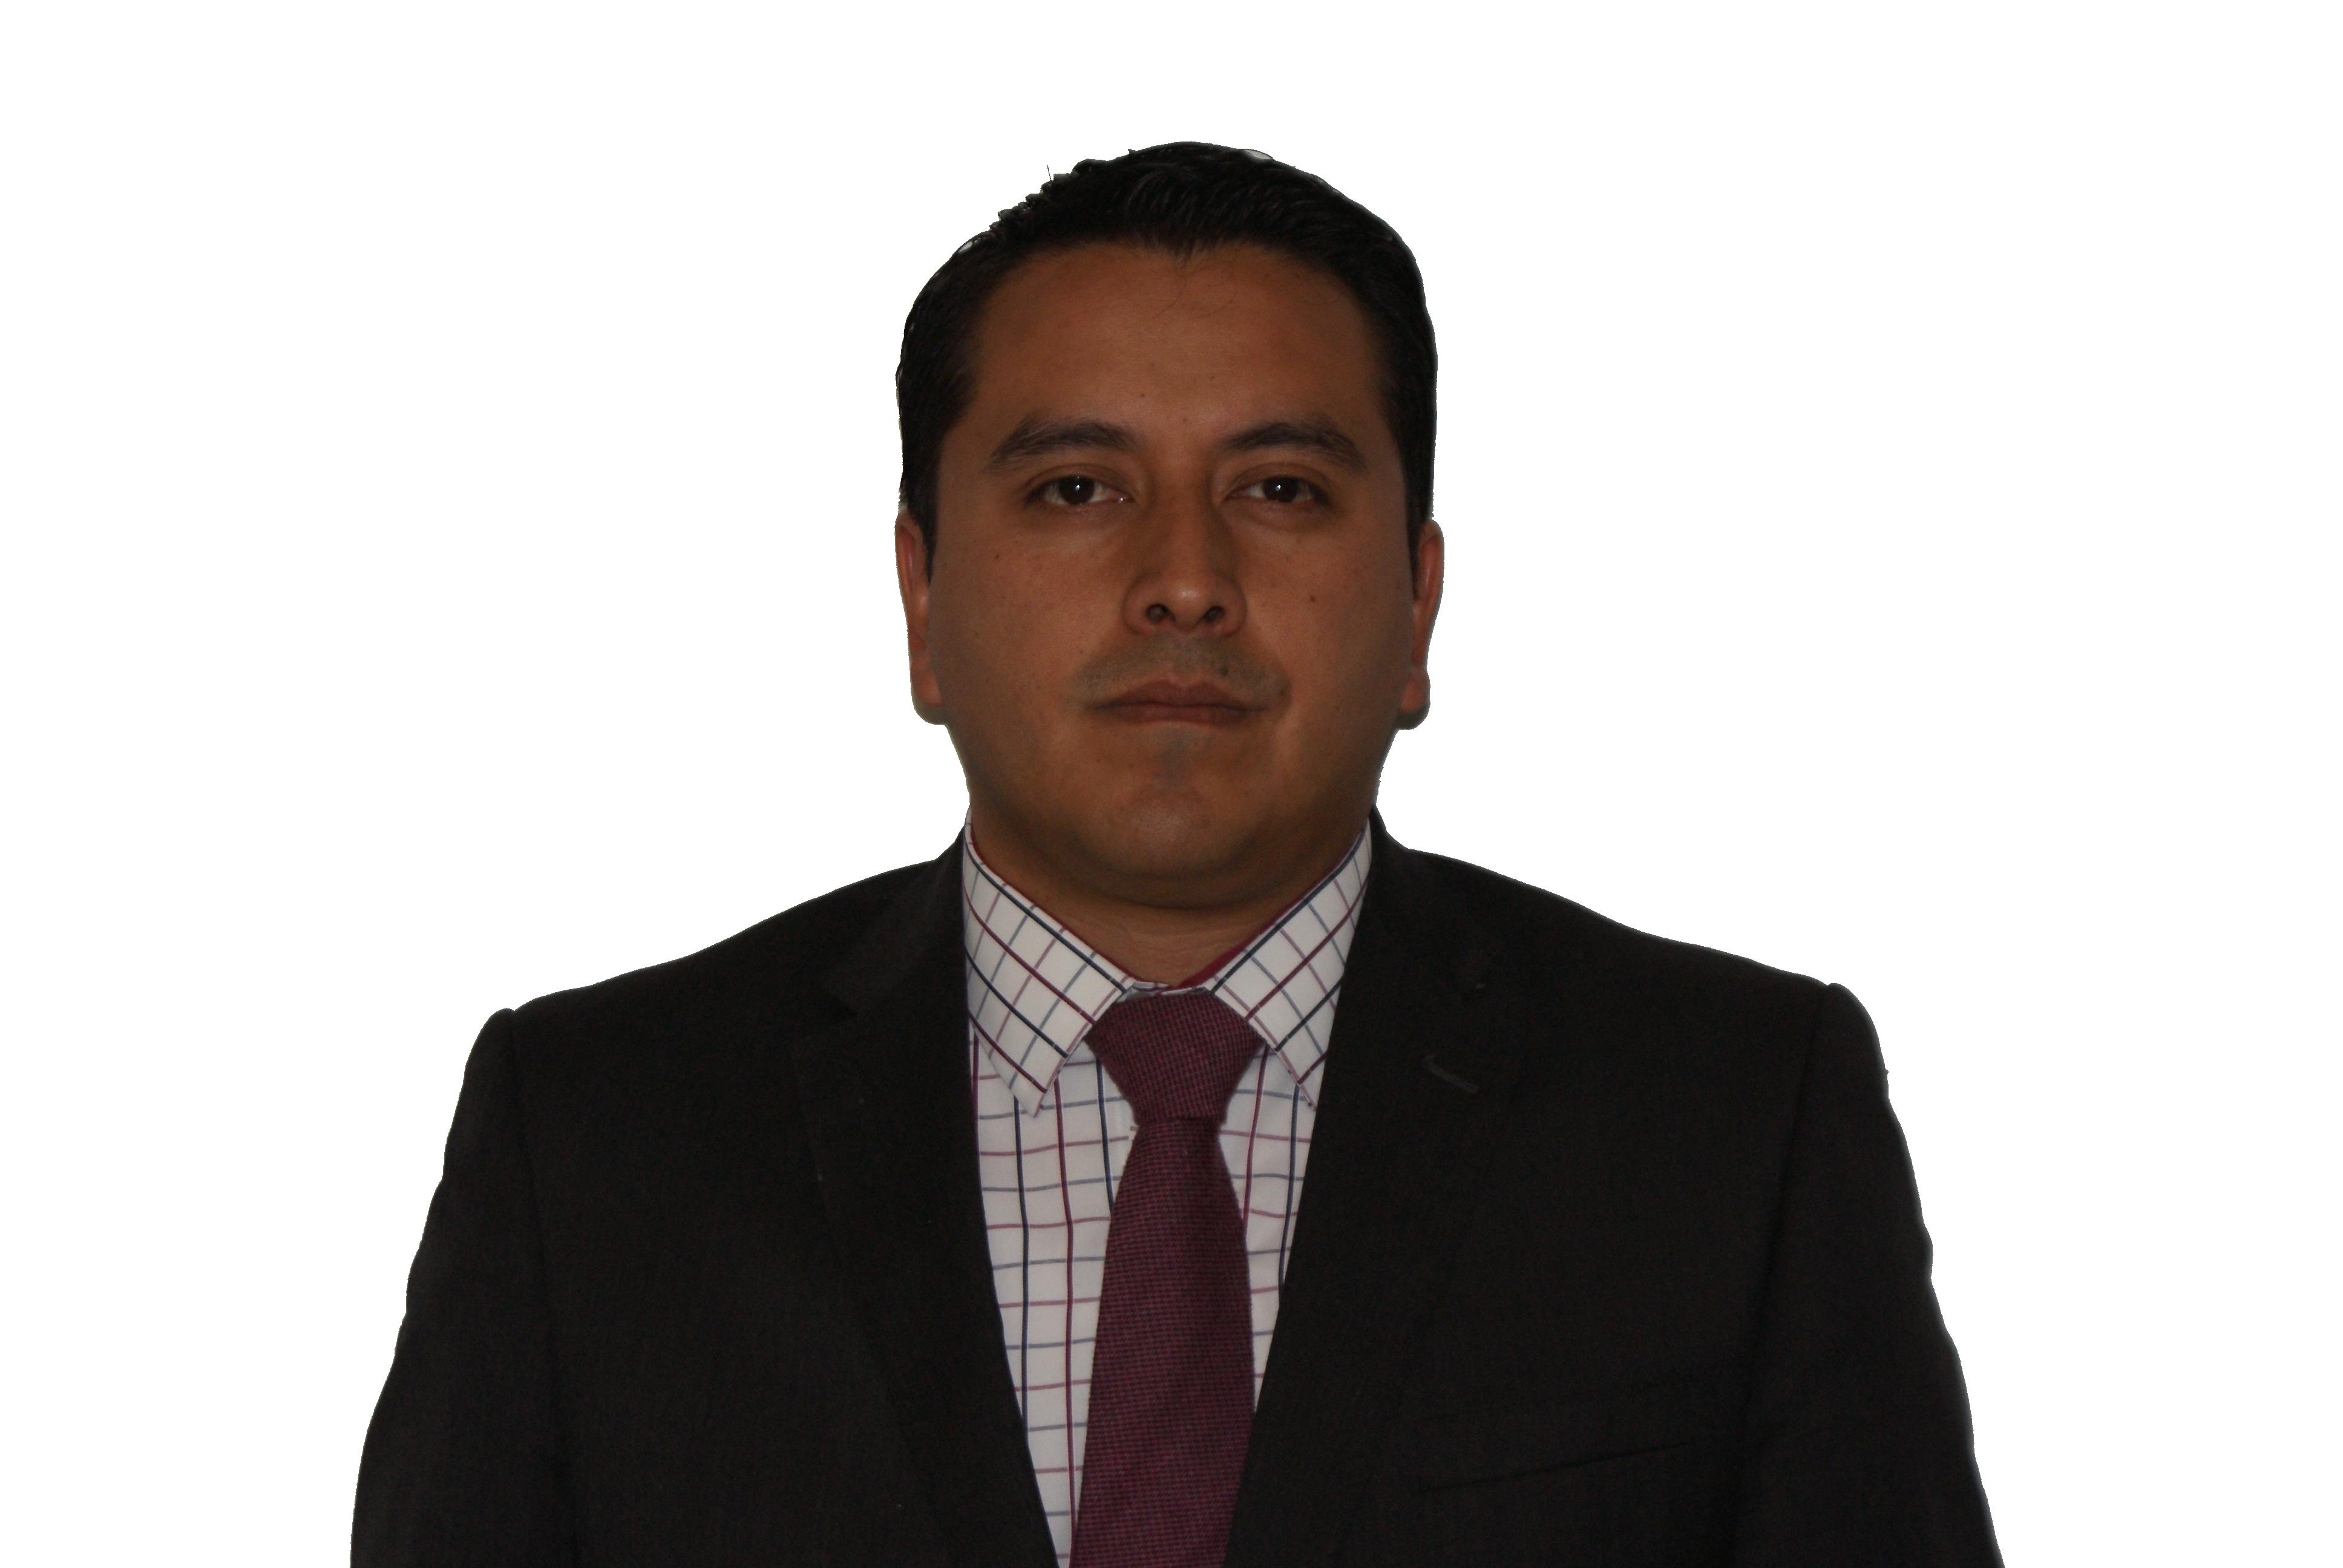 Arturo Escobedo Licona